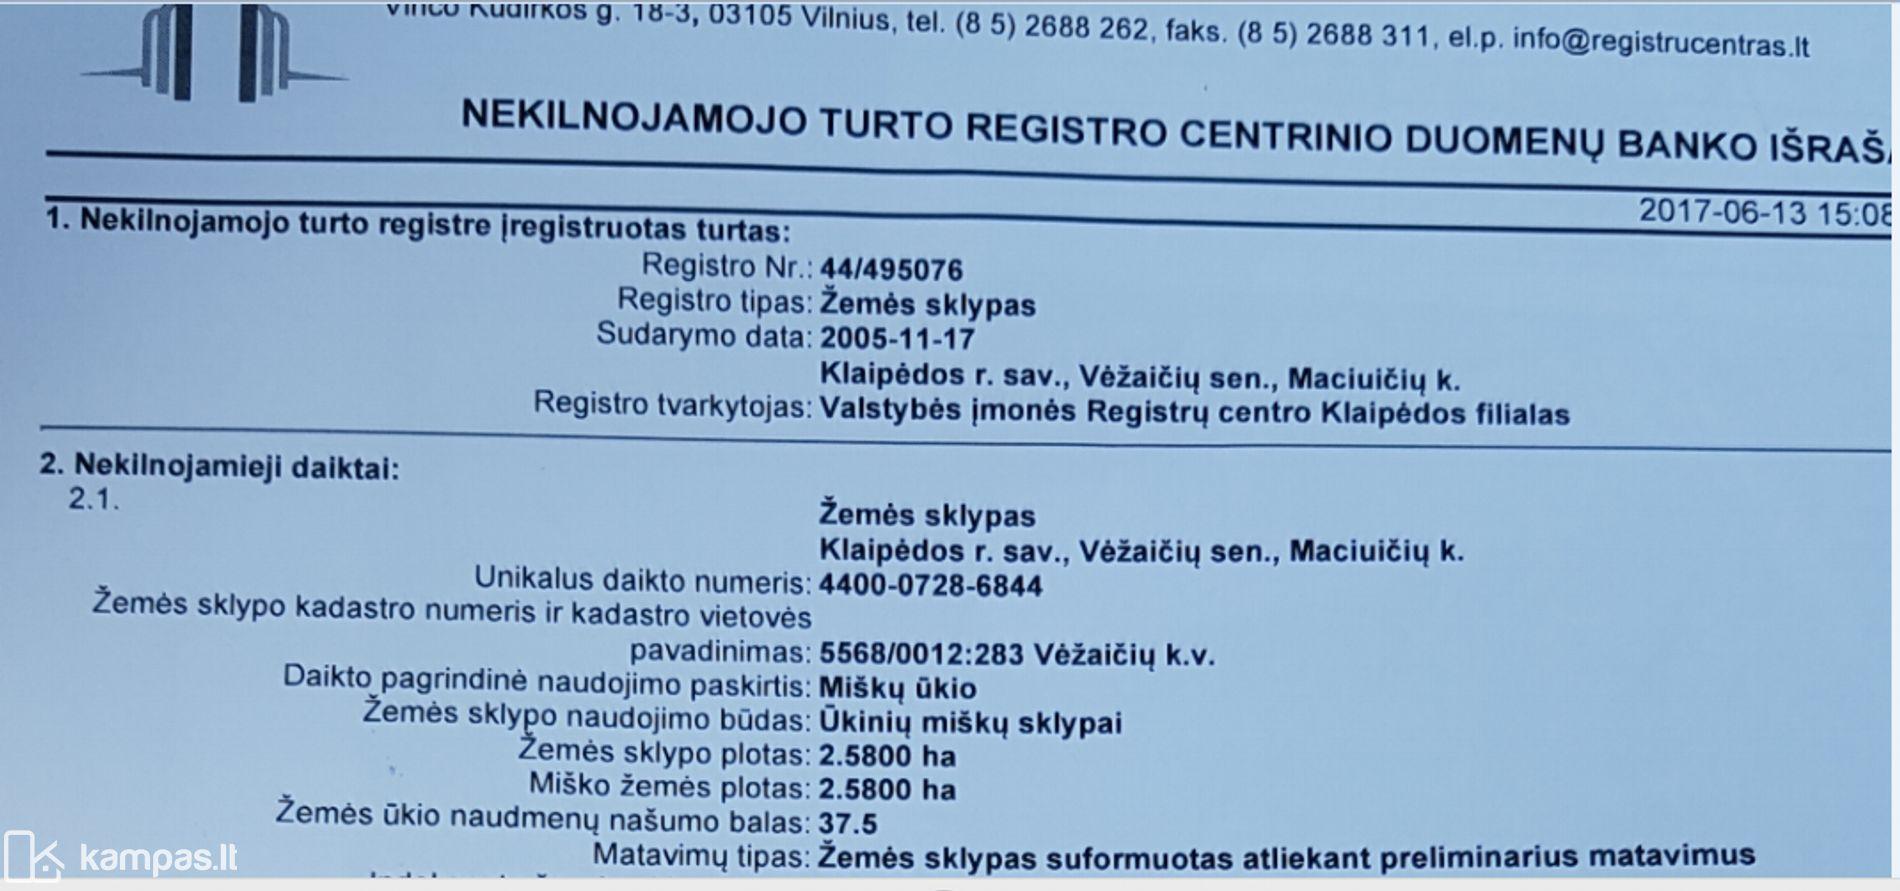 photo No.15 Klaipėdos r. sav., Maciuičiai